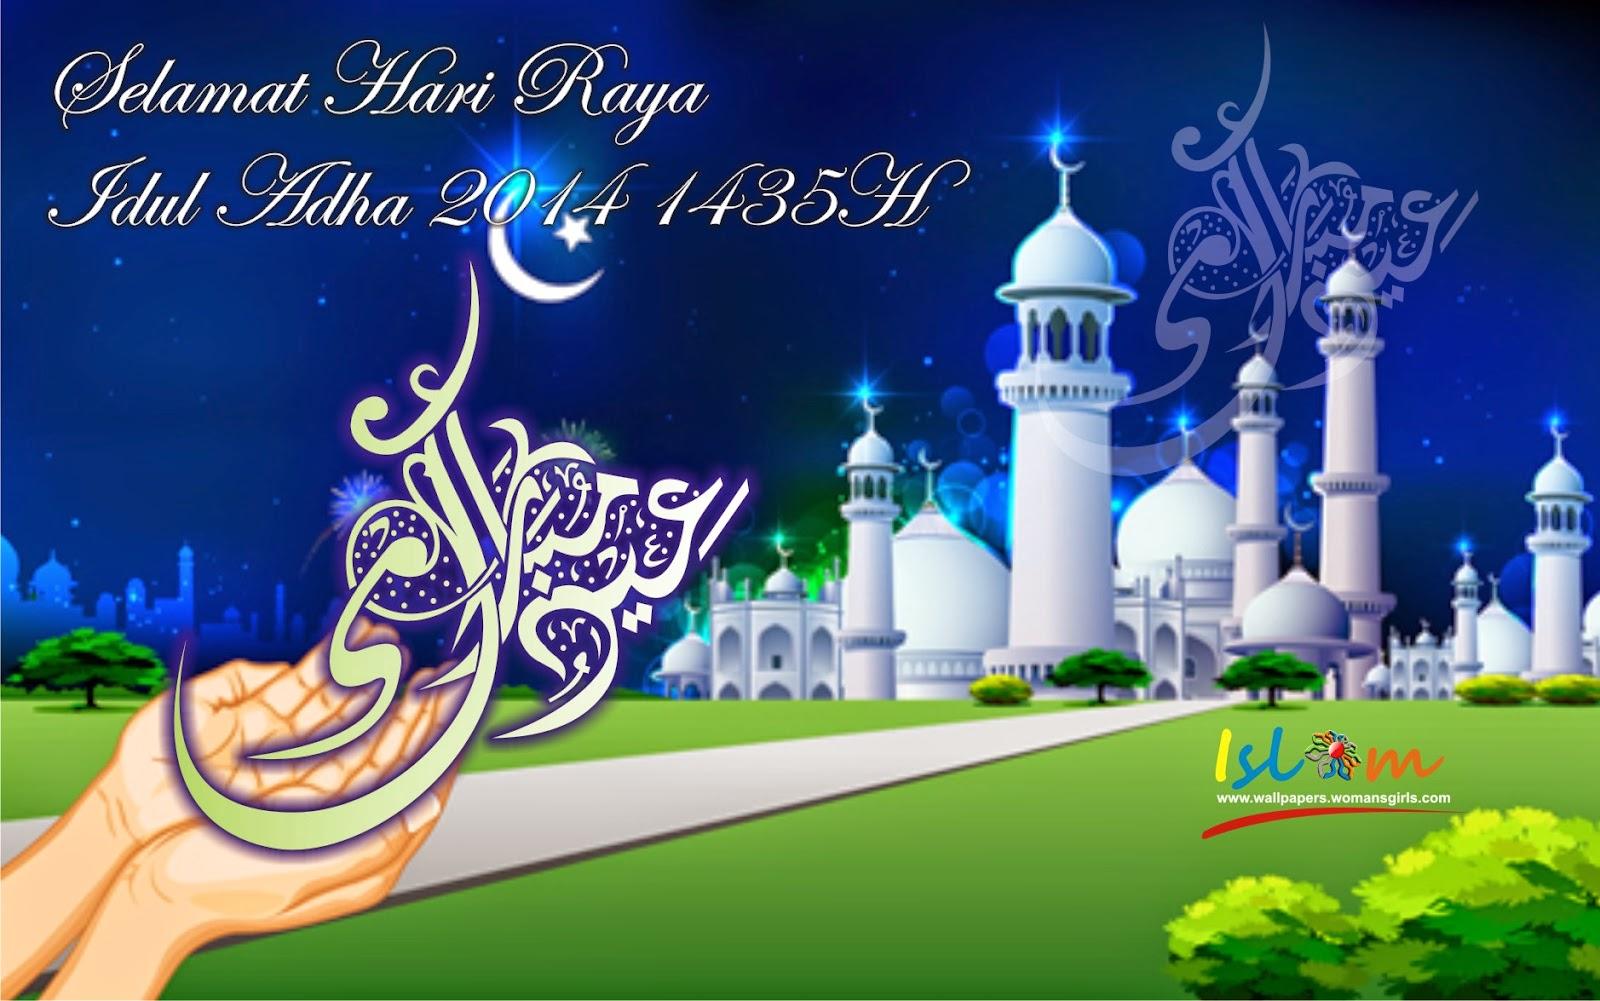 Wallpaper Selamat Idul Adha 2014 1435h background